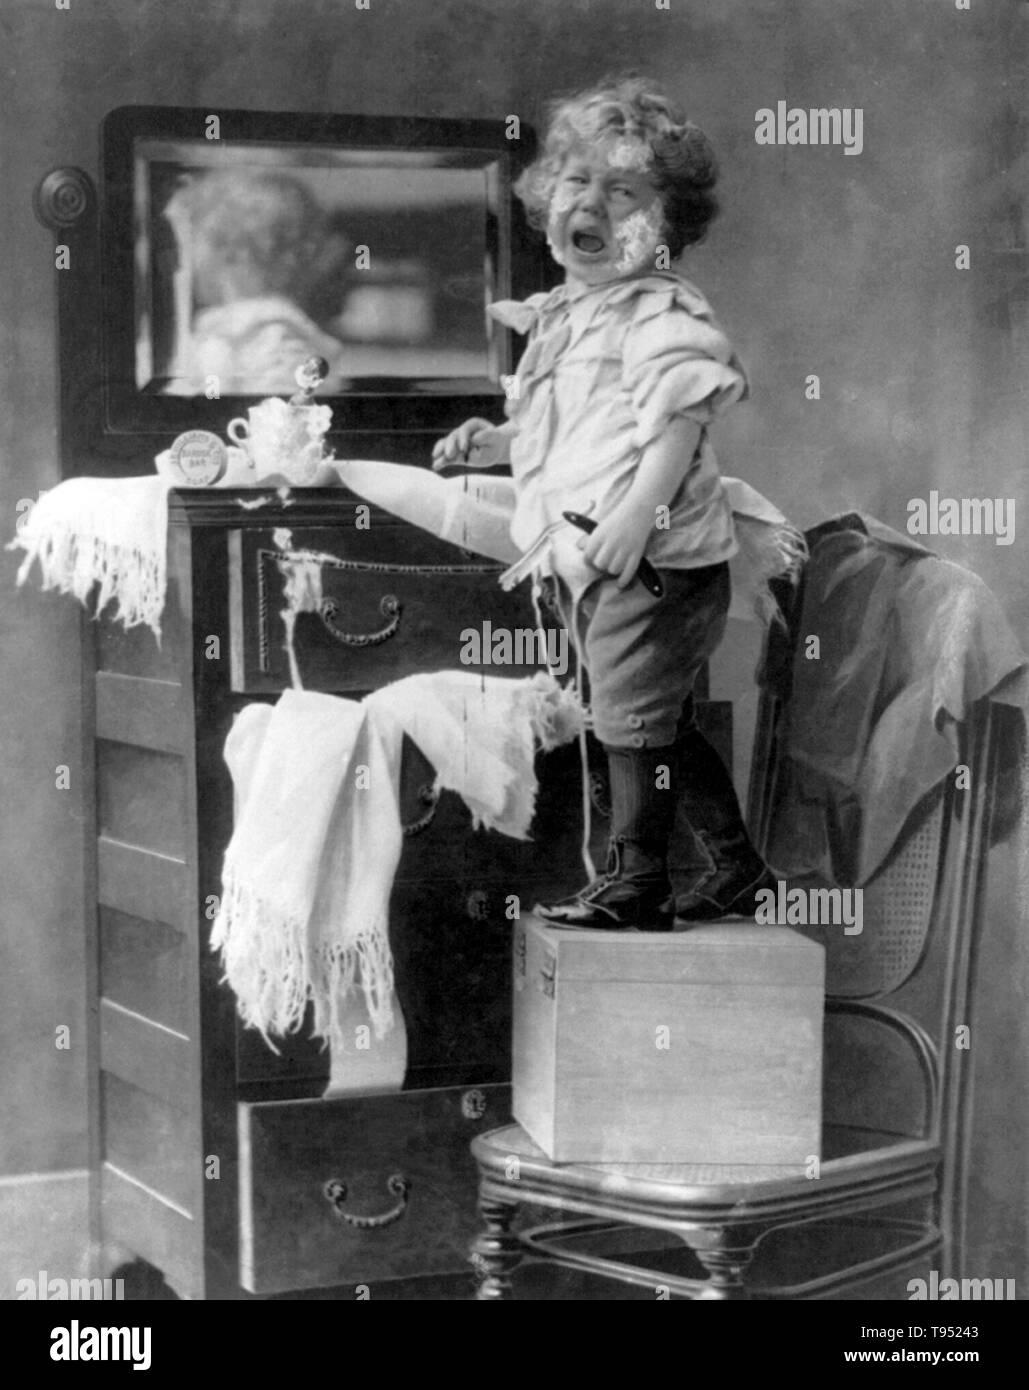 """Mit dem Titel: """"weinende Kind mit blutenden Hand stehend auf Box auf Stuhl vor Spiegel über Kommode und Holding Rasiermesser mit Seife im Gesicht"""". Durch E.Donald Roberts, 1898 fotografiert. Stockfoto"""